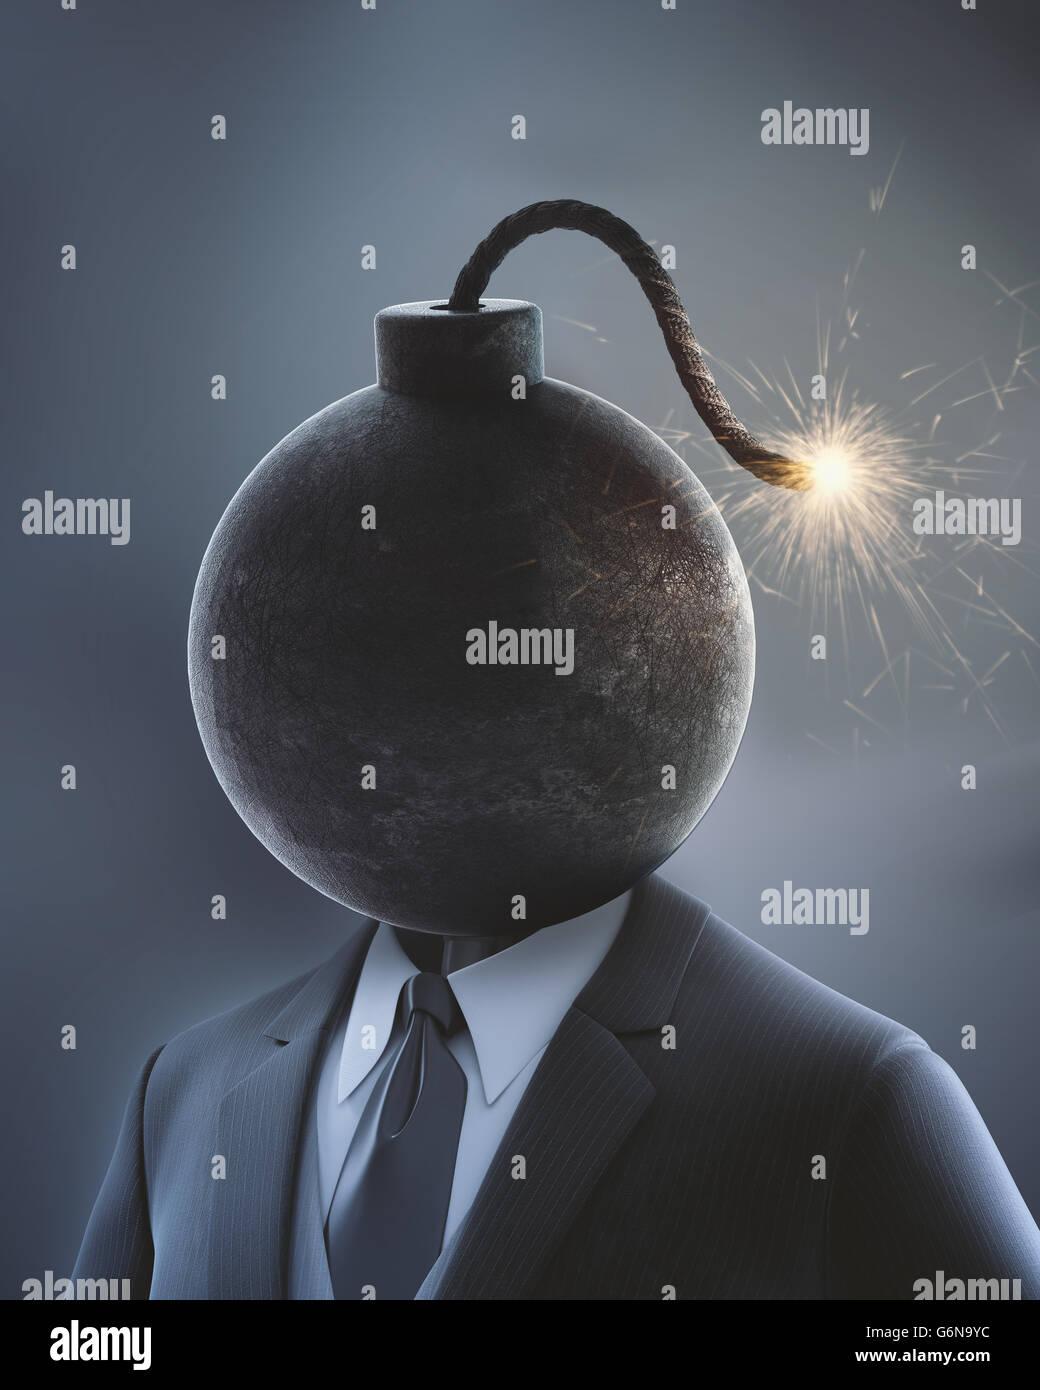 Geschäftsmann mit einer Bombe anstelle seines Kopfes mit einer beleuchteten Sicherung - 3D-Illustration Stockbild